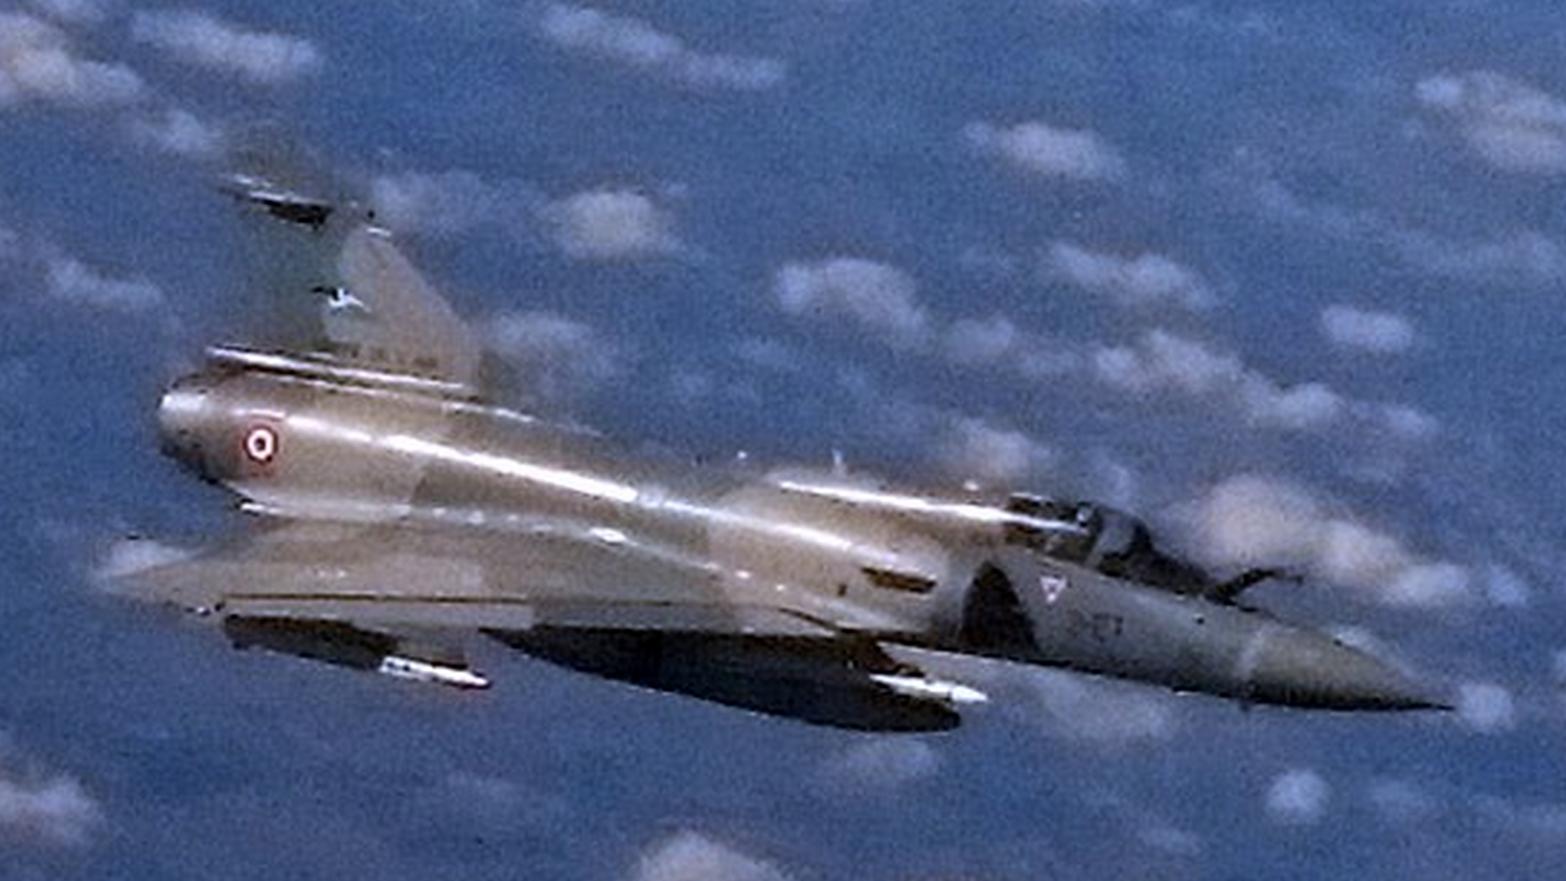 Un Rafale français intercepte un avion de ligne britannique, les passagers en panique